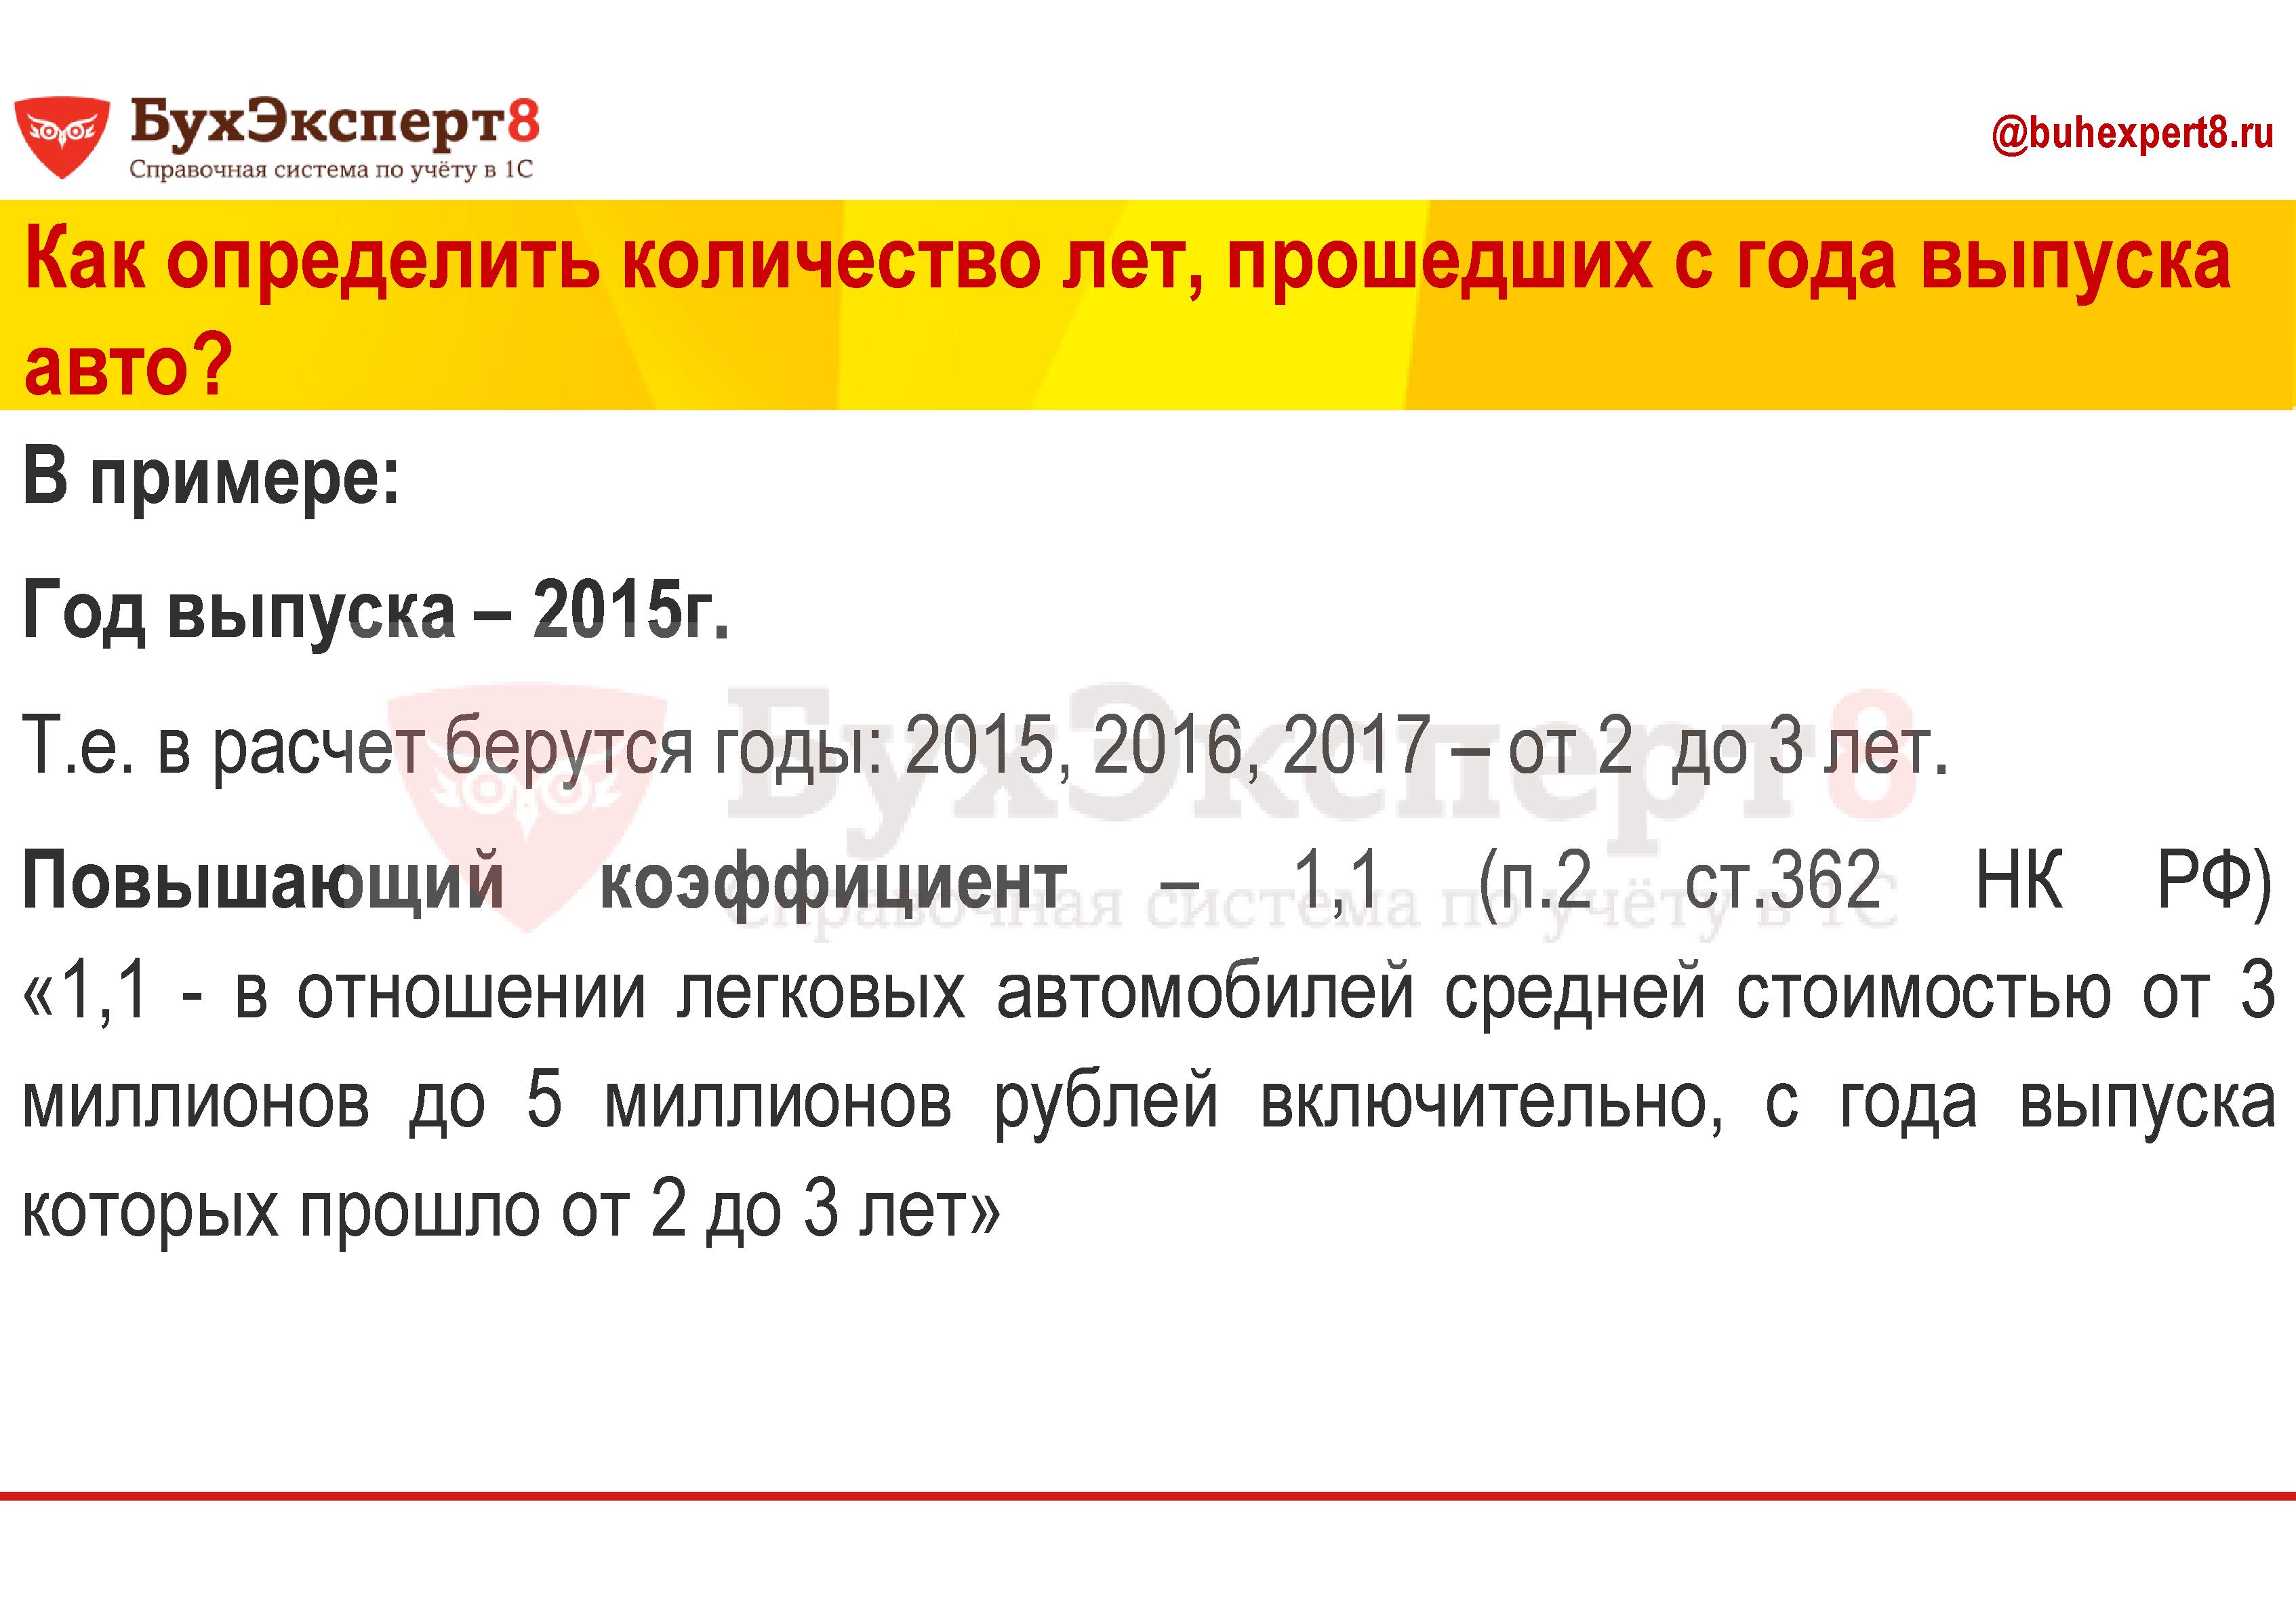 Как определить количество лет, прошедших с года выпуска авто? В примере: Год выпуска – 2015г. Т.е. в расчет берутся годы: 2015, 2016, 2017 – от 2 до 3 лет. Повышающий коэффициент – 1,1 (п.2 ст.362 НК РФ) «1,1 - в отношении легковых автомобилей средней стоимостью от 3 миллионов до 5 миллионов рублей включительно, с года выпуска которых прошло от 2 до 3 лет»